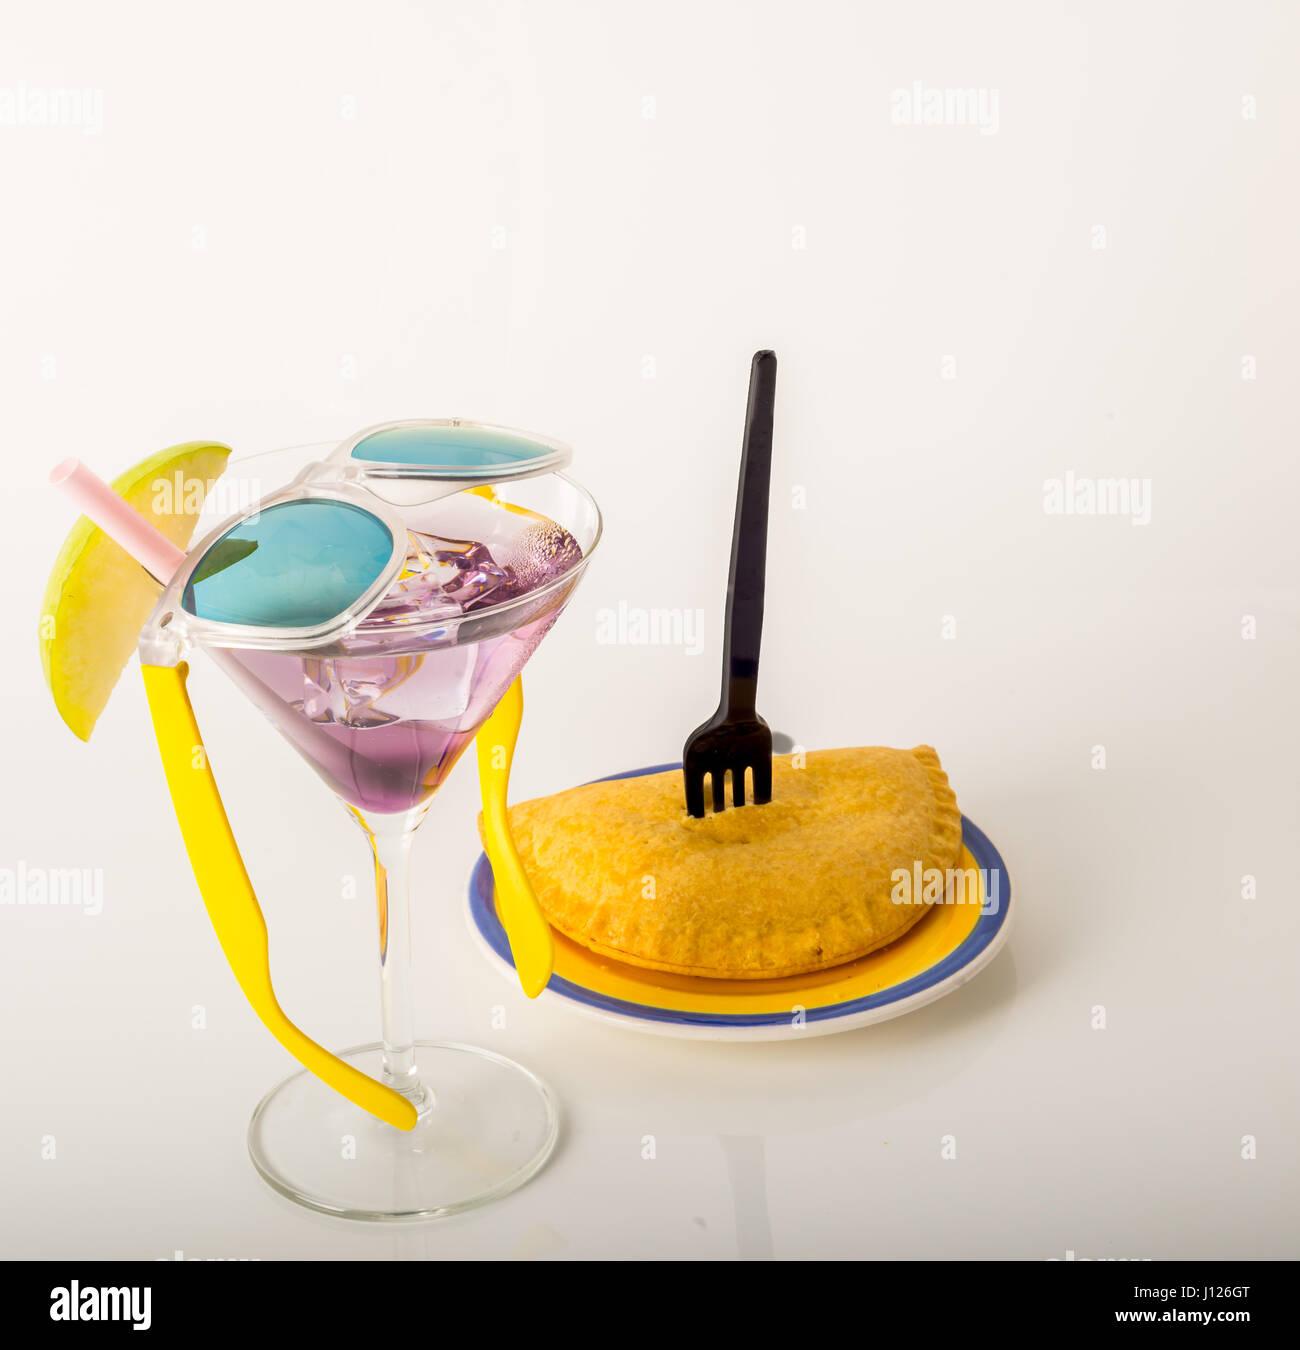 Getränke dekoriert mit Obst, Martiniglas, trinken Hauptkamm und Eiswürfeln, jamaikanisches Essen, Pattie, Stockbild